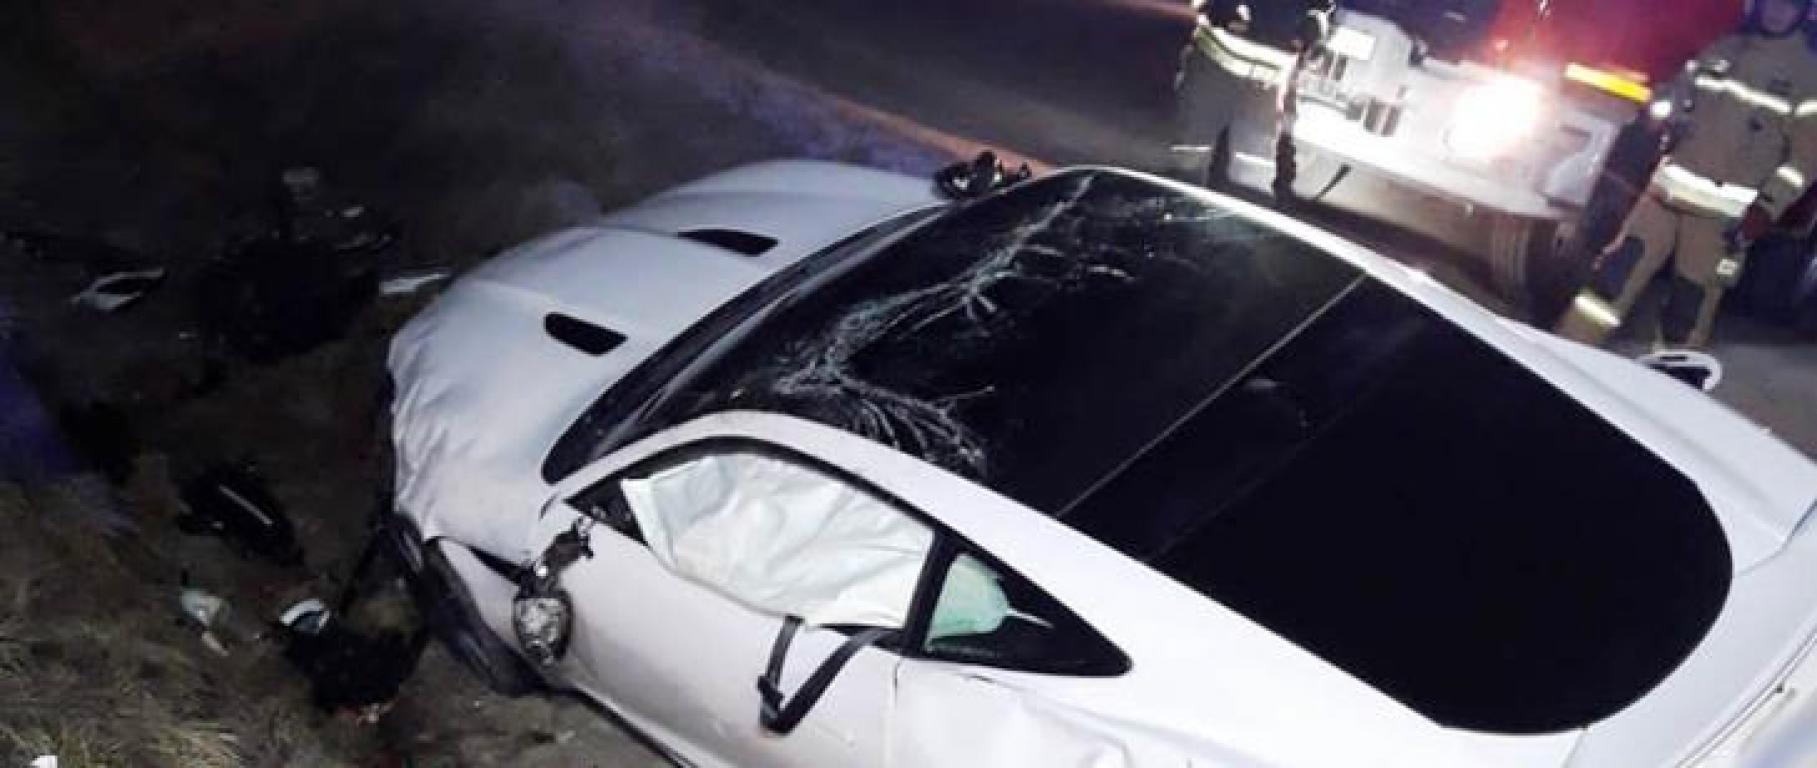 Stary Sącz – na obwodnicy Jaguar wypadł z drogi.